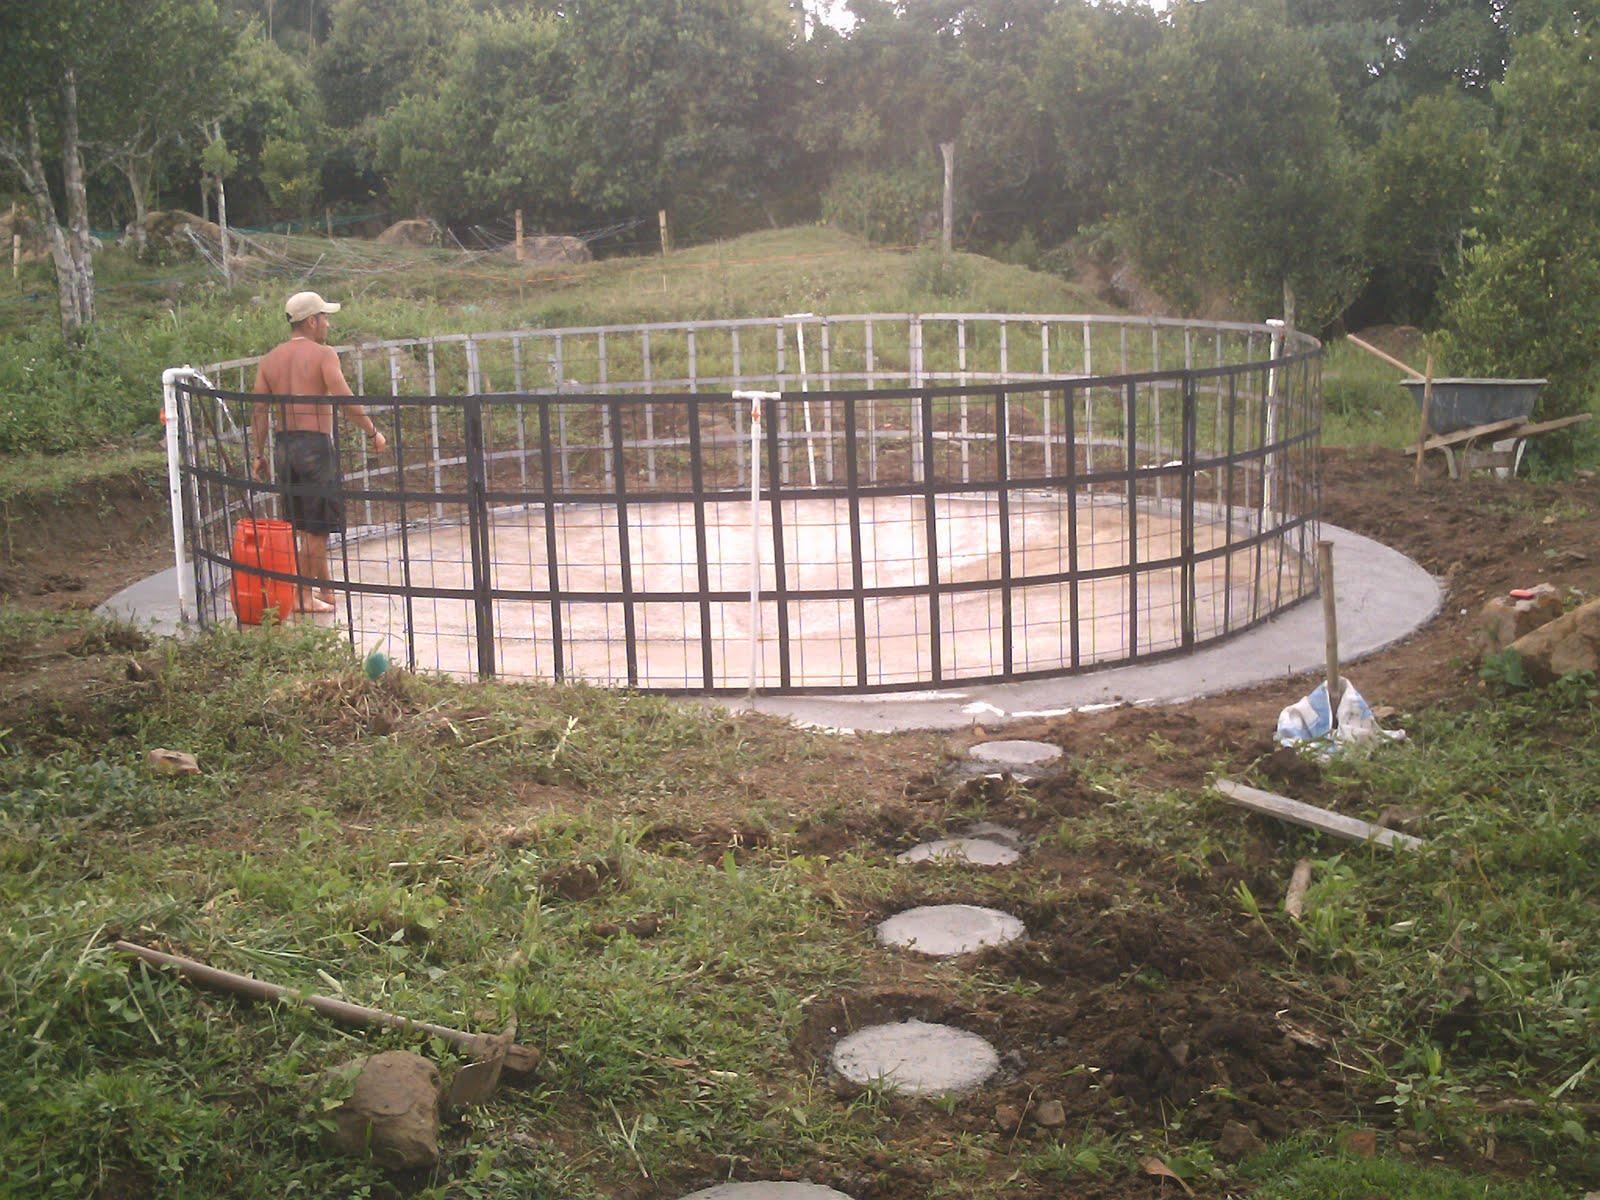 Jovenes rurales emprendedores instalaci n tanque circular for Tanques para peces geomembrana